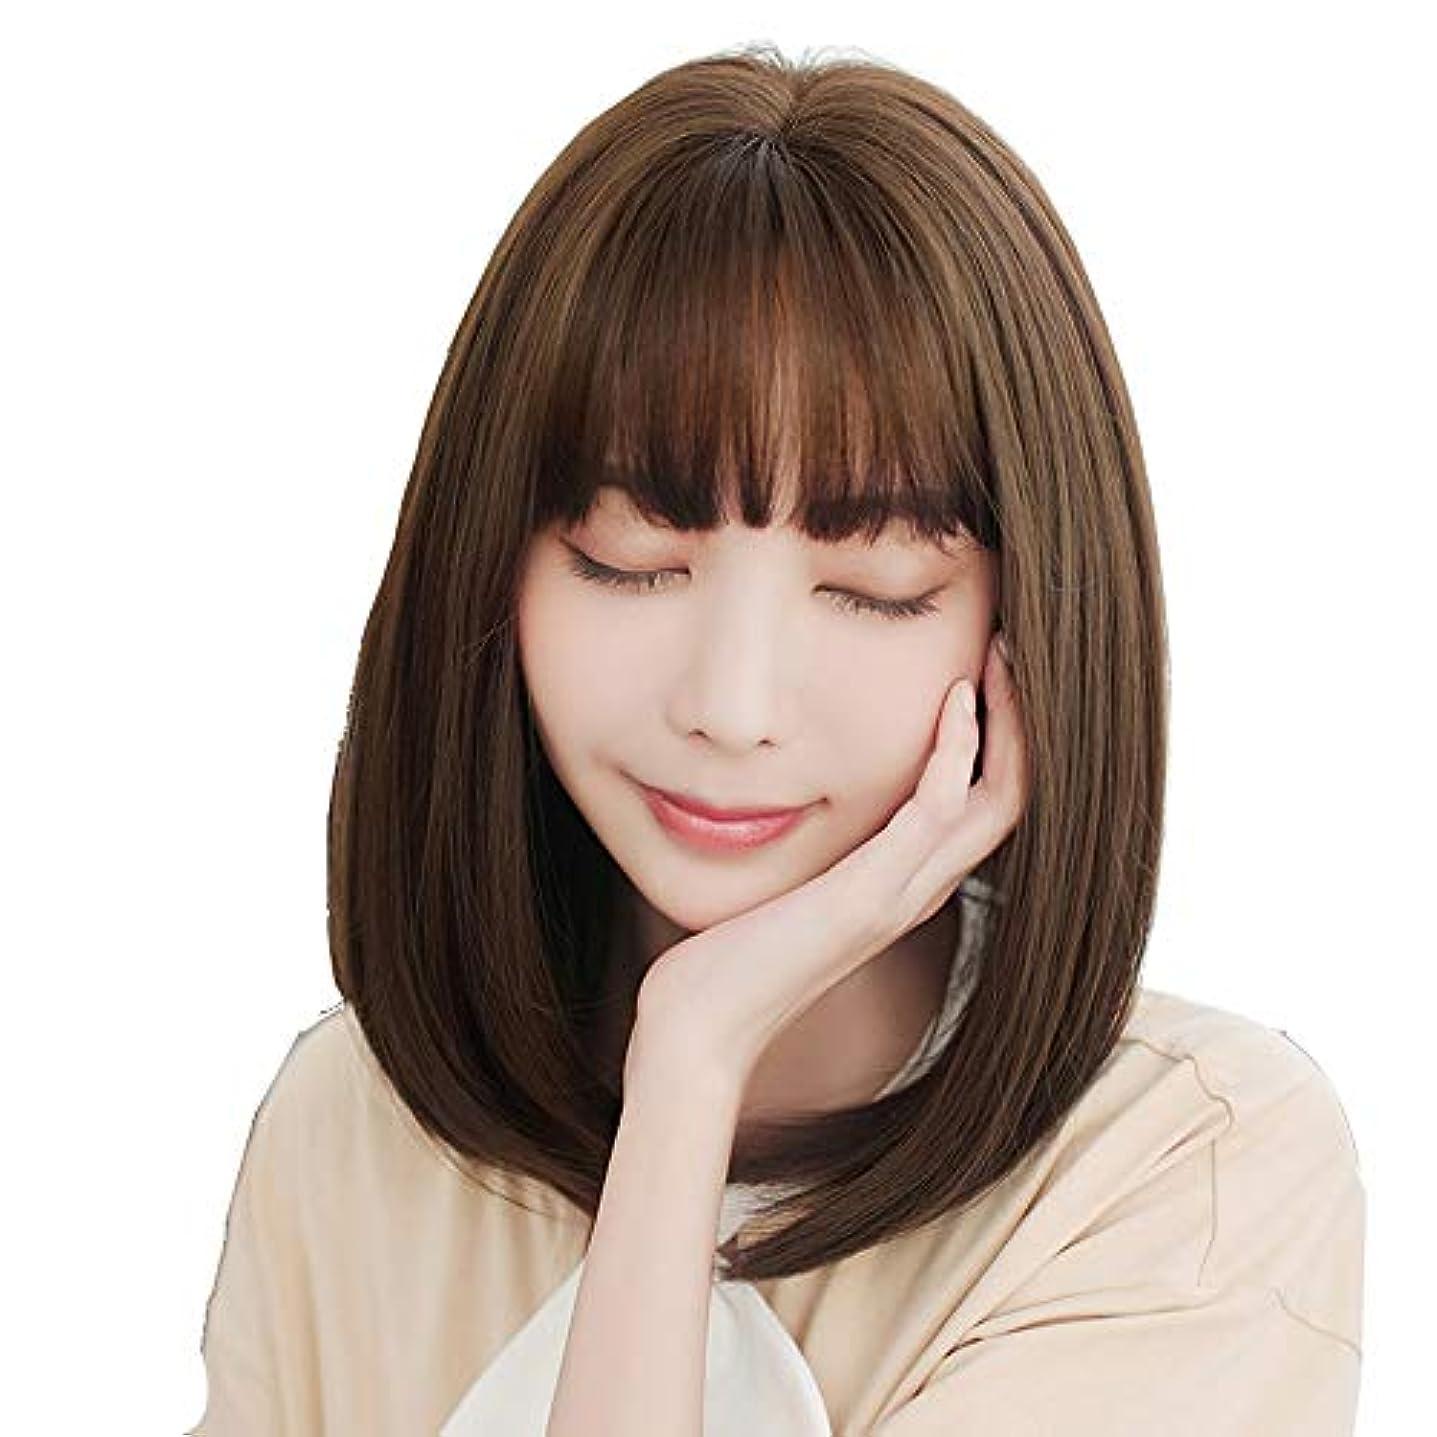 不一致装置残酷SRY-Wigファッション ファッションショートボブストレートブラウンウィッグ女性用合成フルヘアナチュラルウィッグ前髪コスプレコスチューム